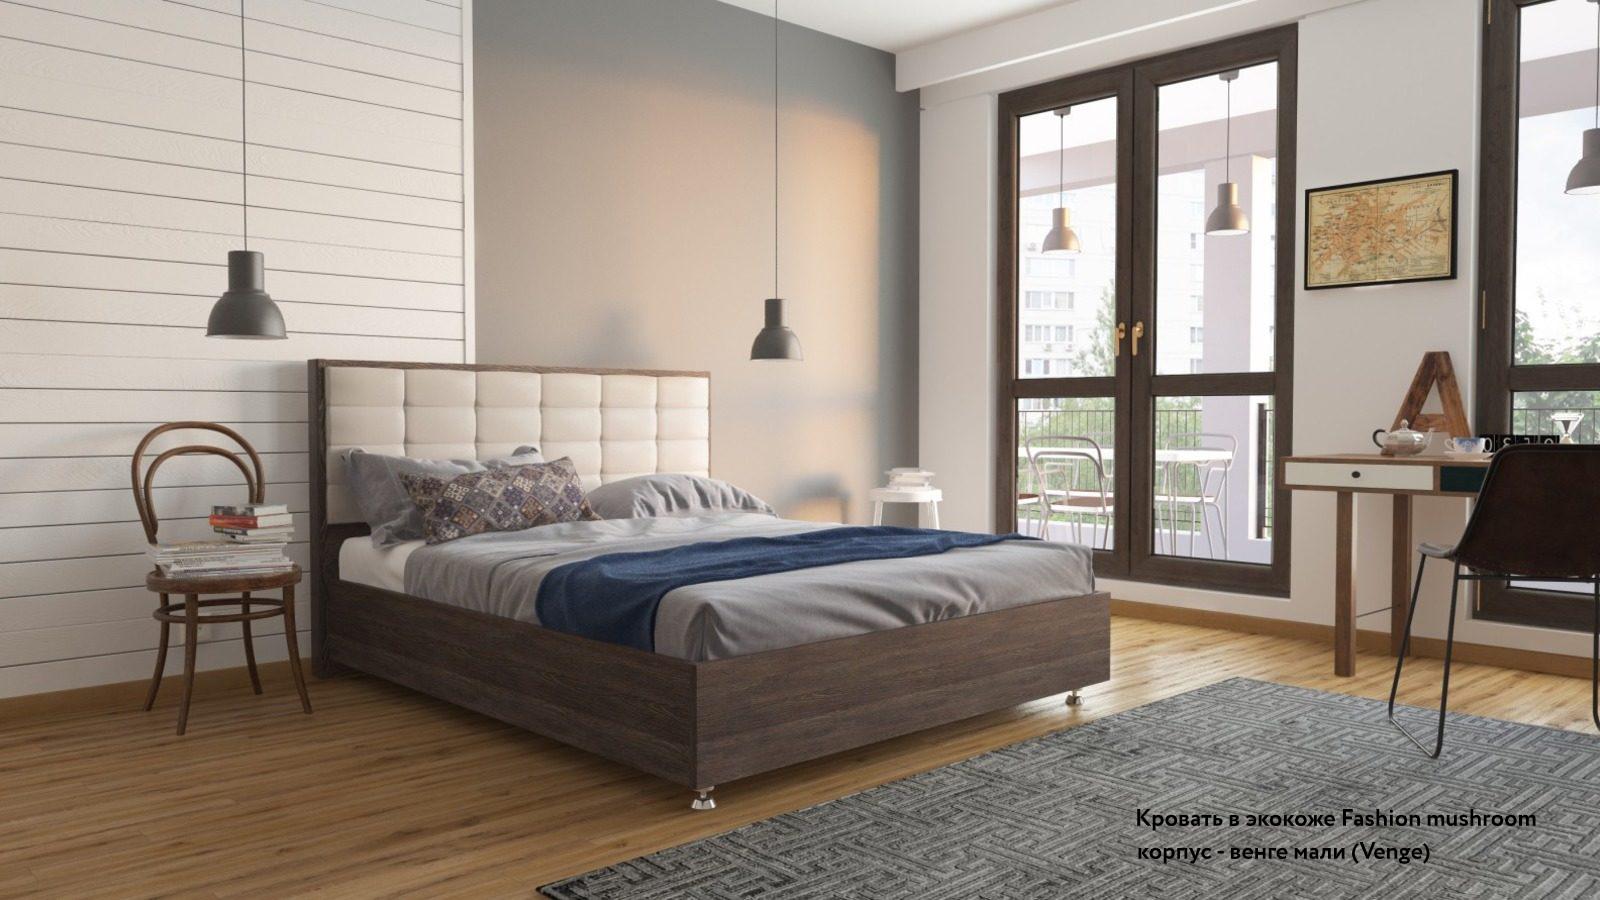 Фото - Кровать с подъемным механизмом Askona Amber Venge кровать с подъемным механизмом askona milana